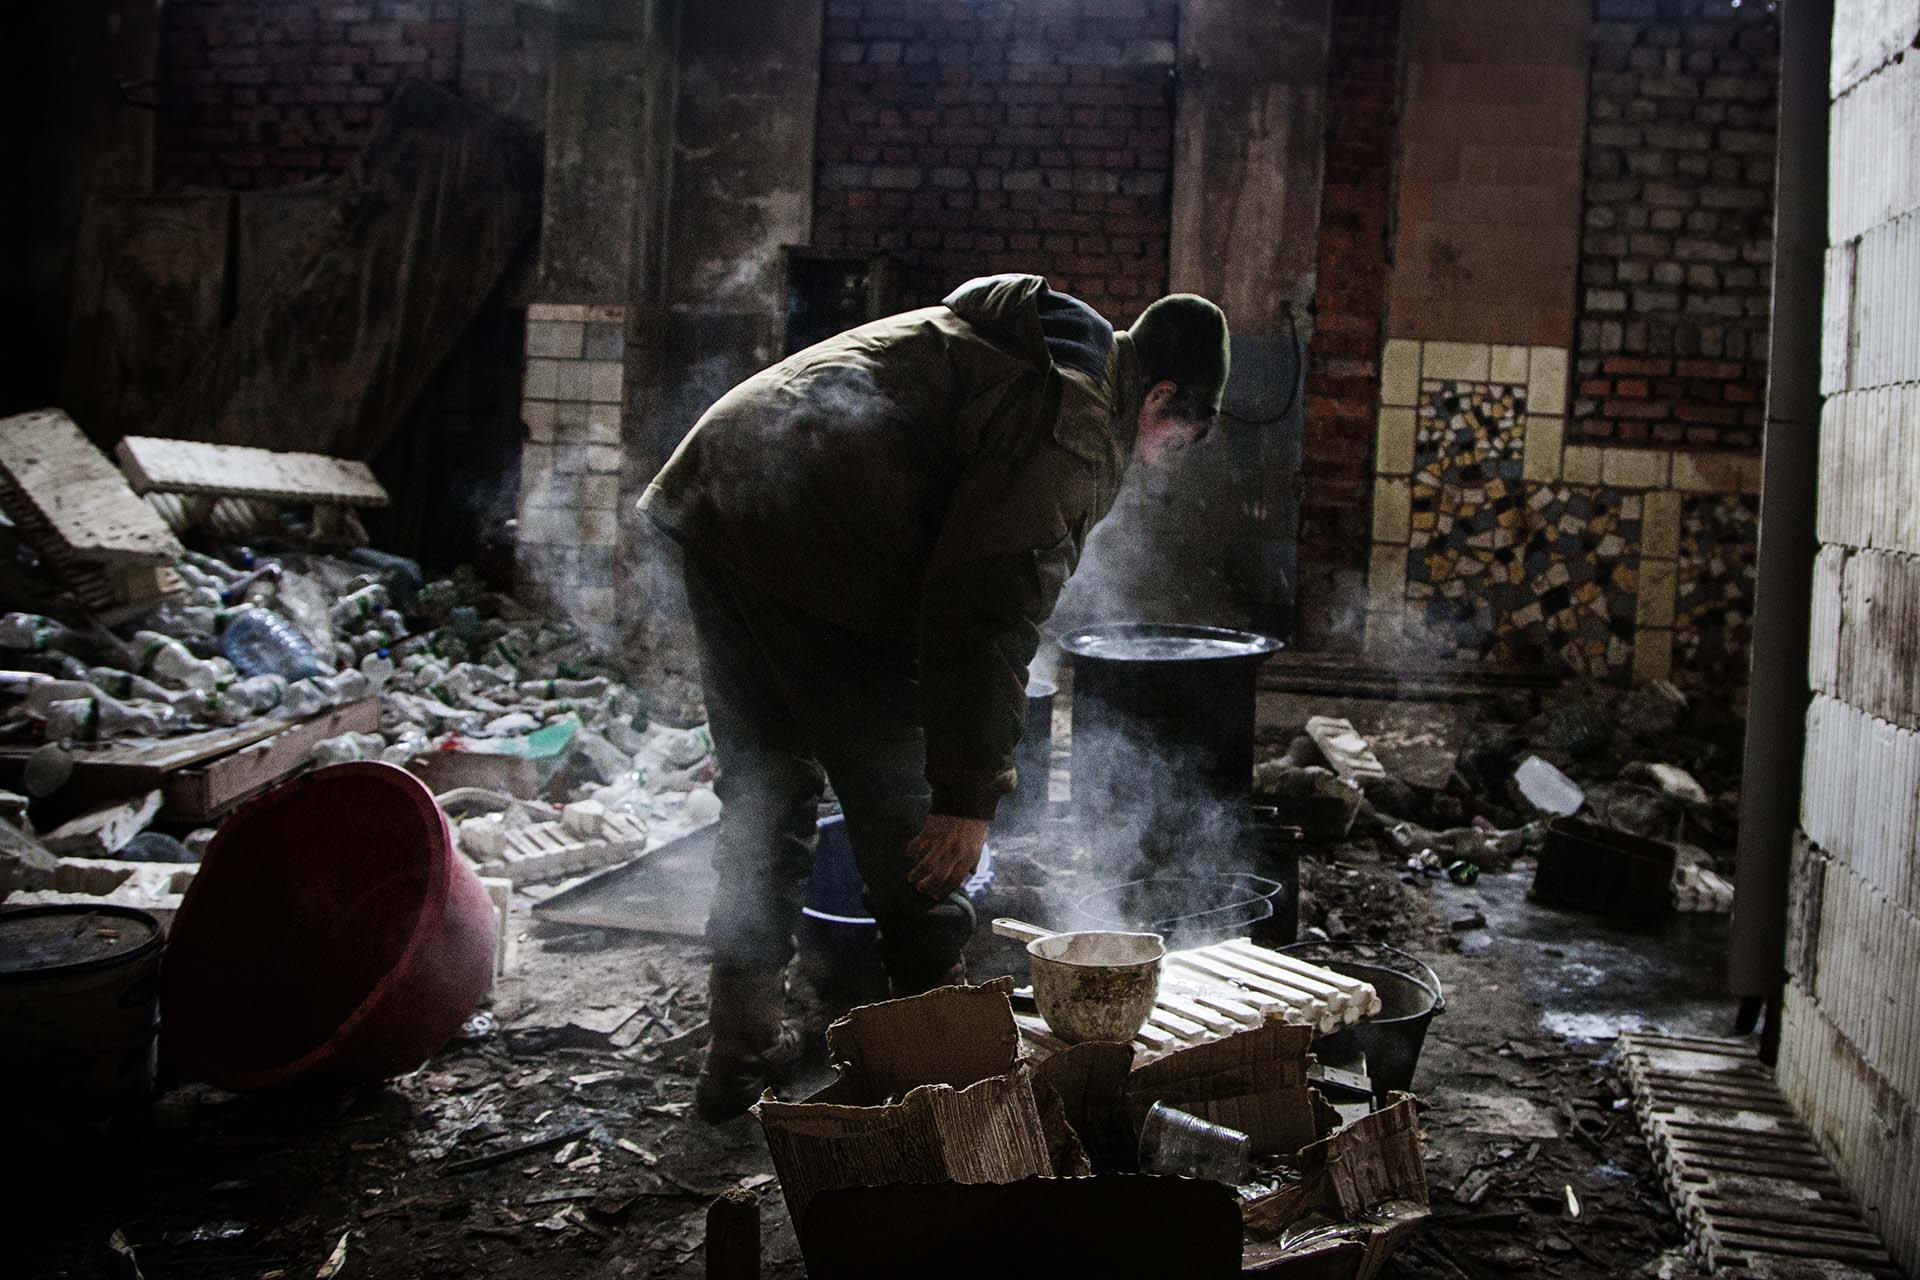 Un soldado ucraniano calienta agua para lavarse en la posición que defienden en primera línea del frente.